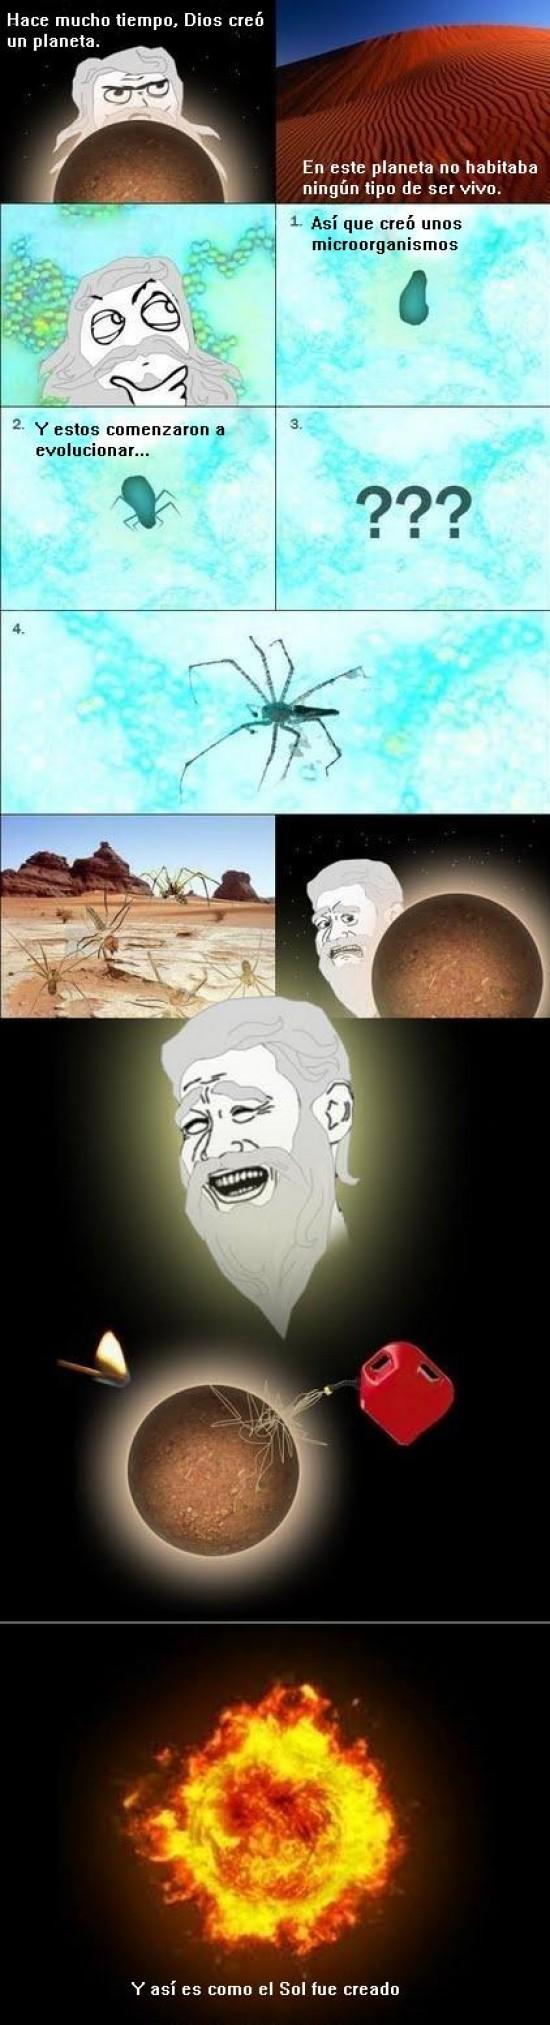 araña,Dios,planeta,Sol